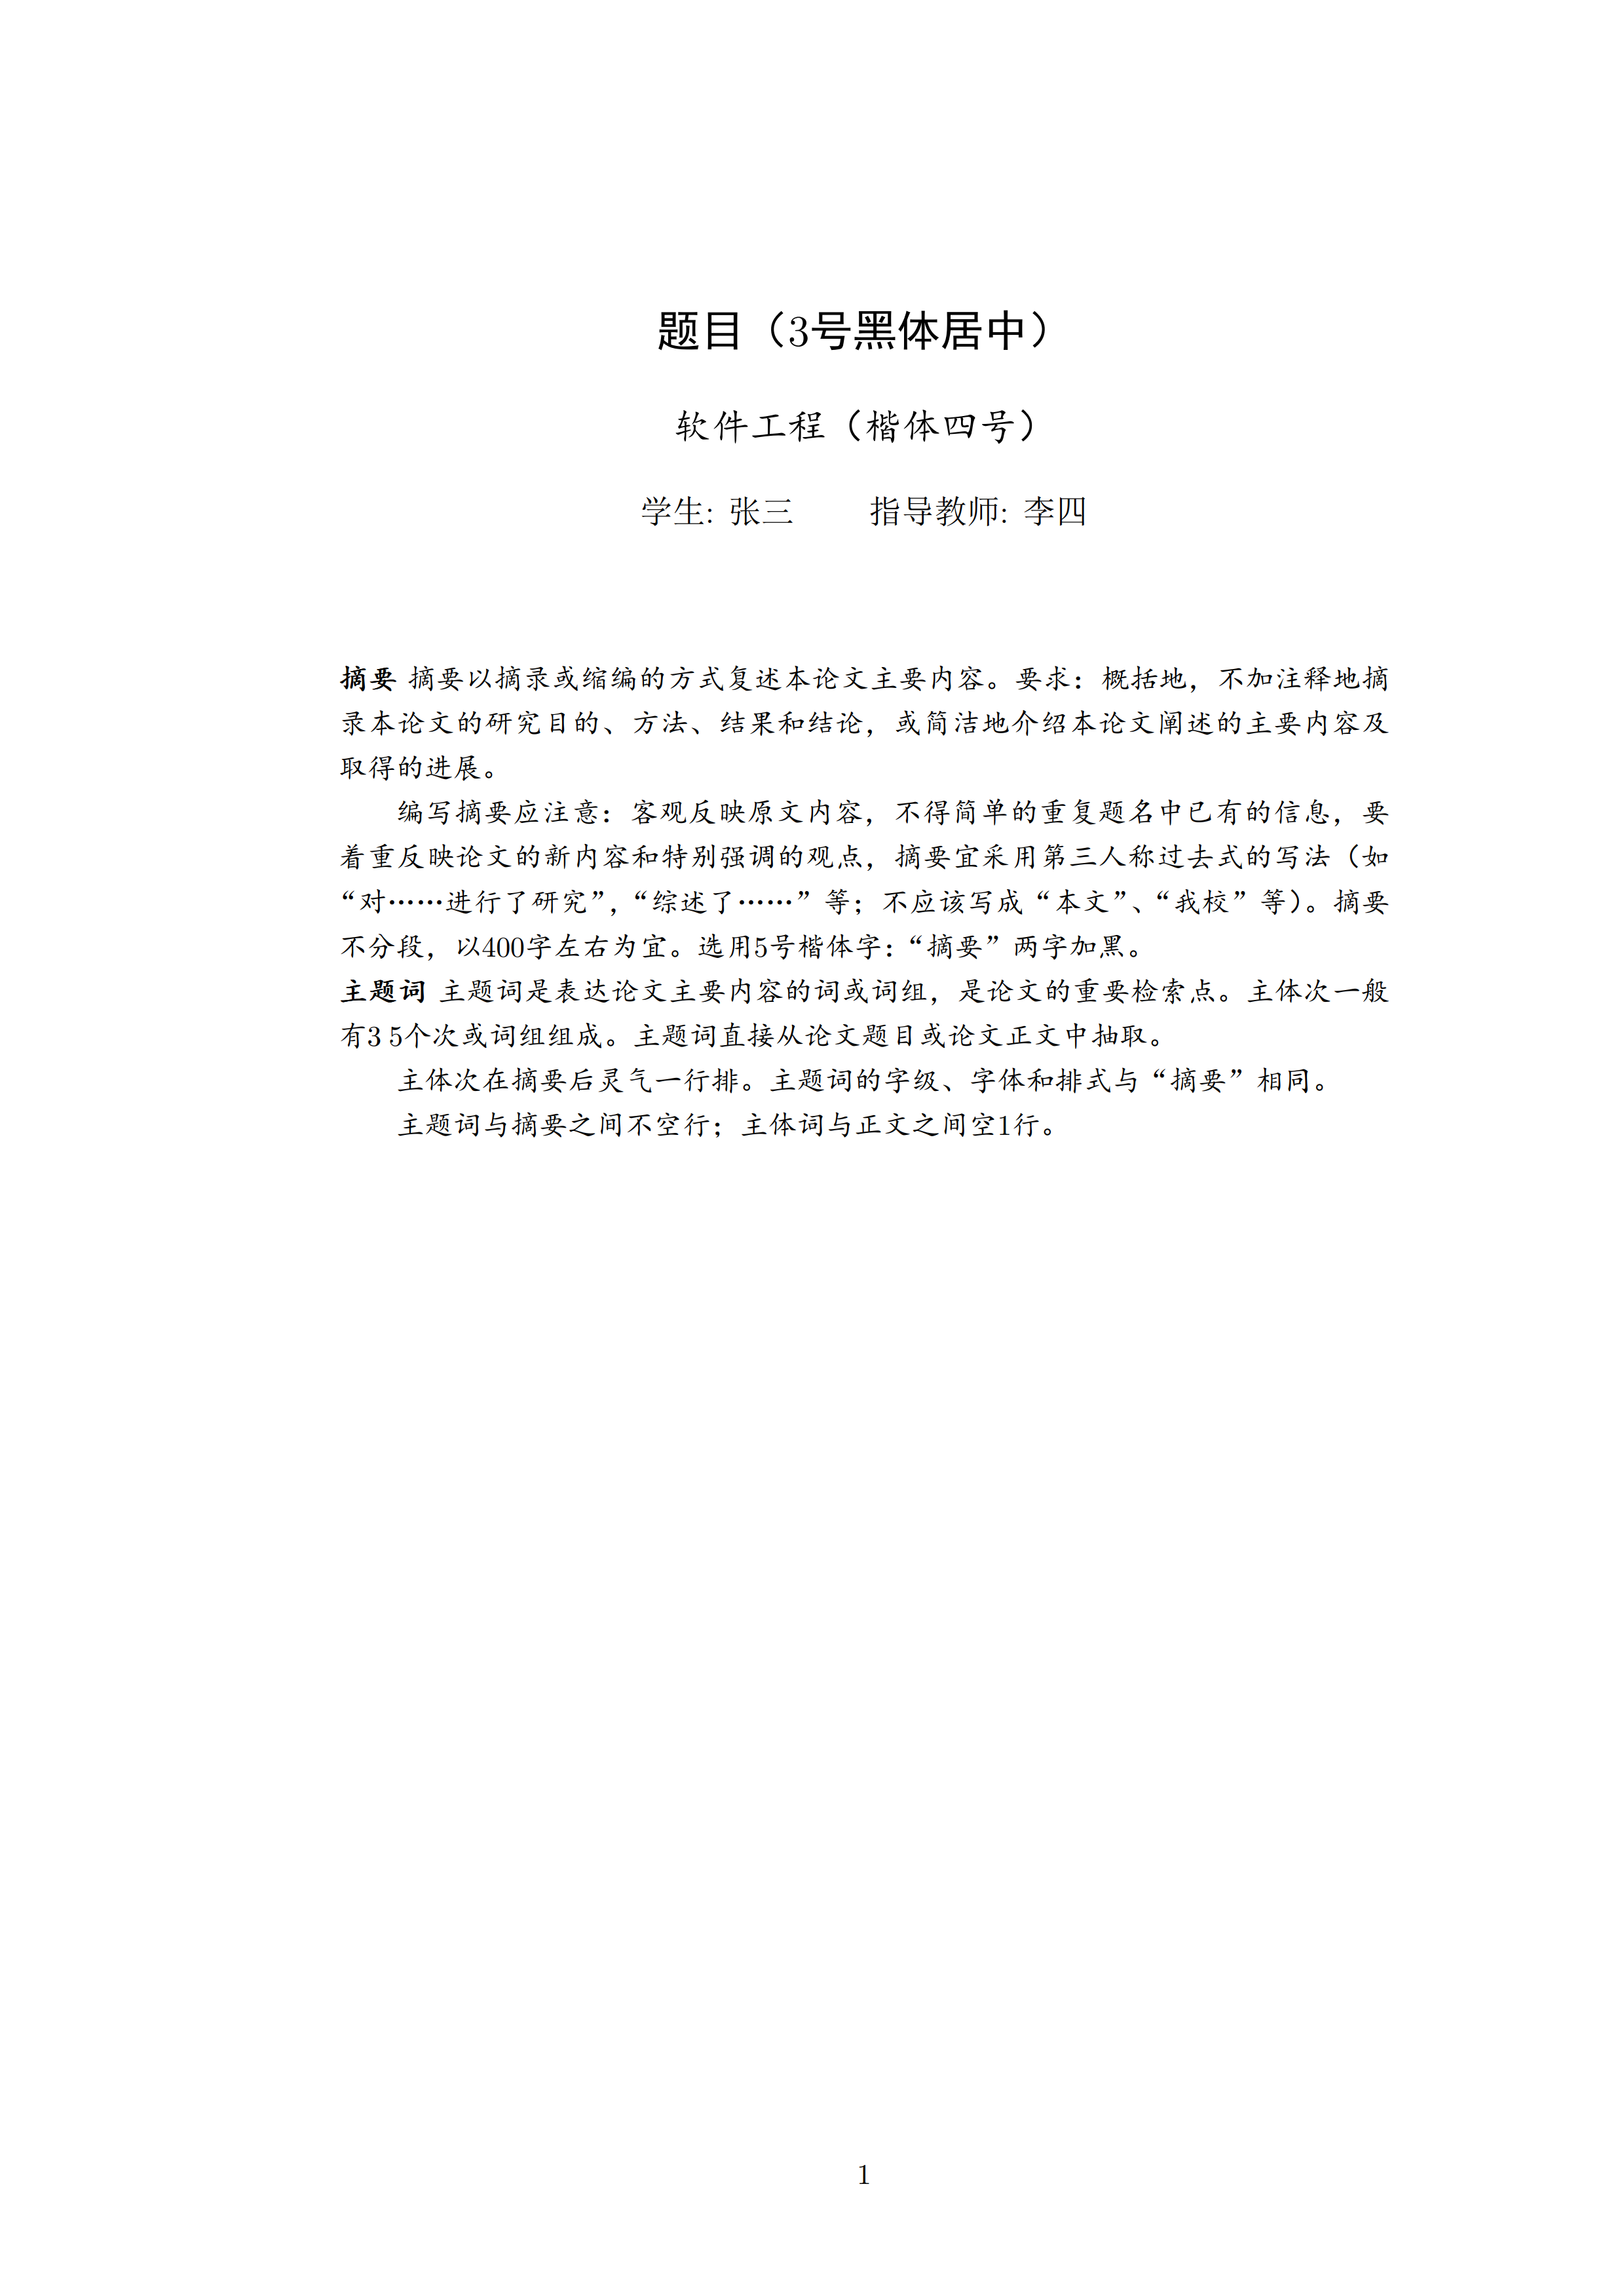 四川大学毕业论文模板